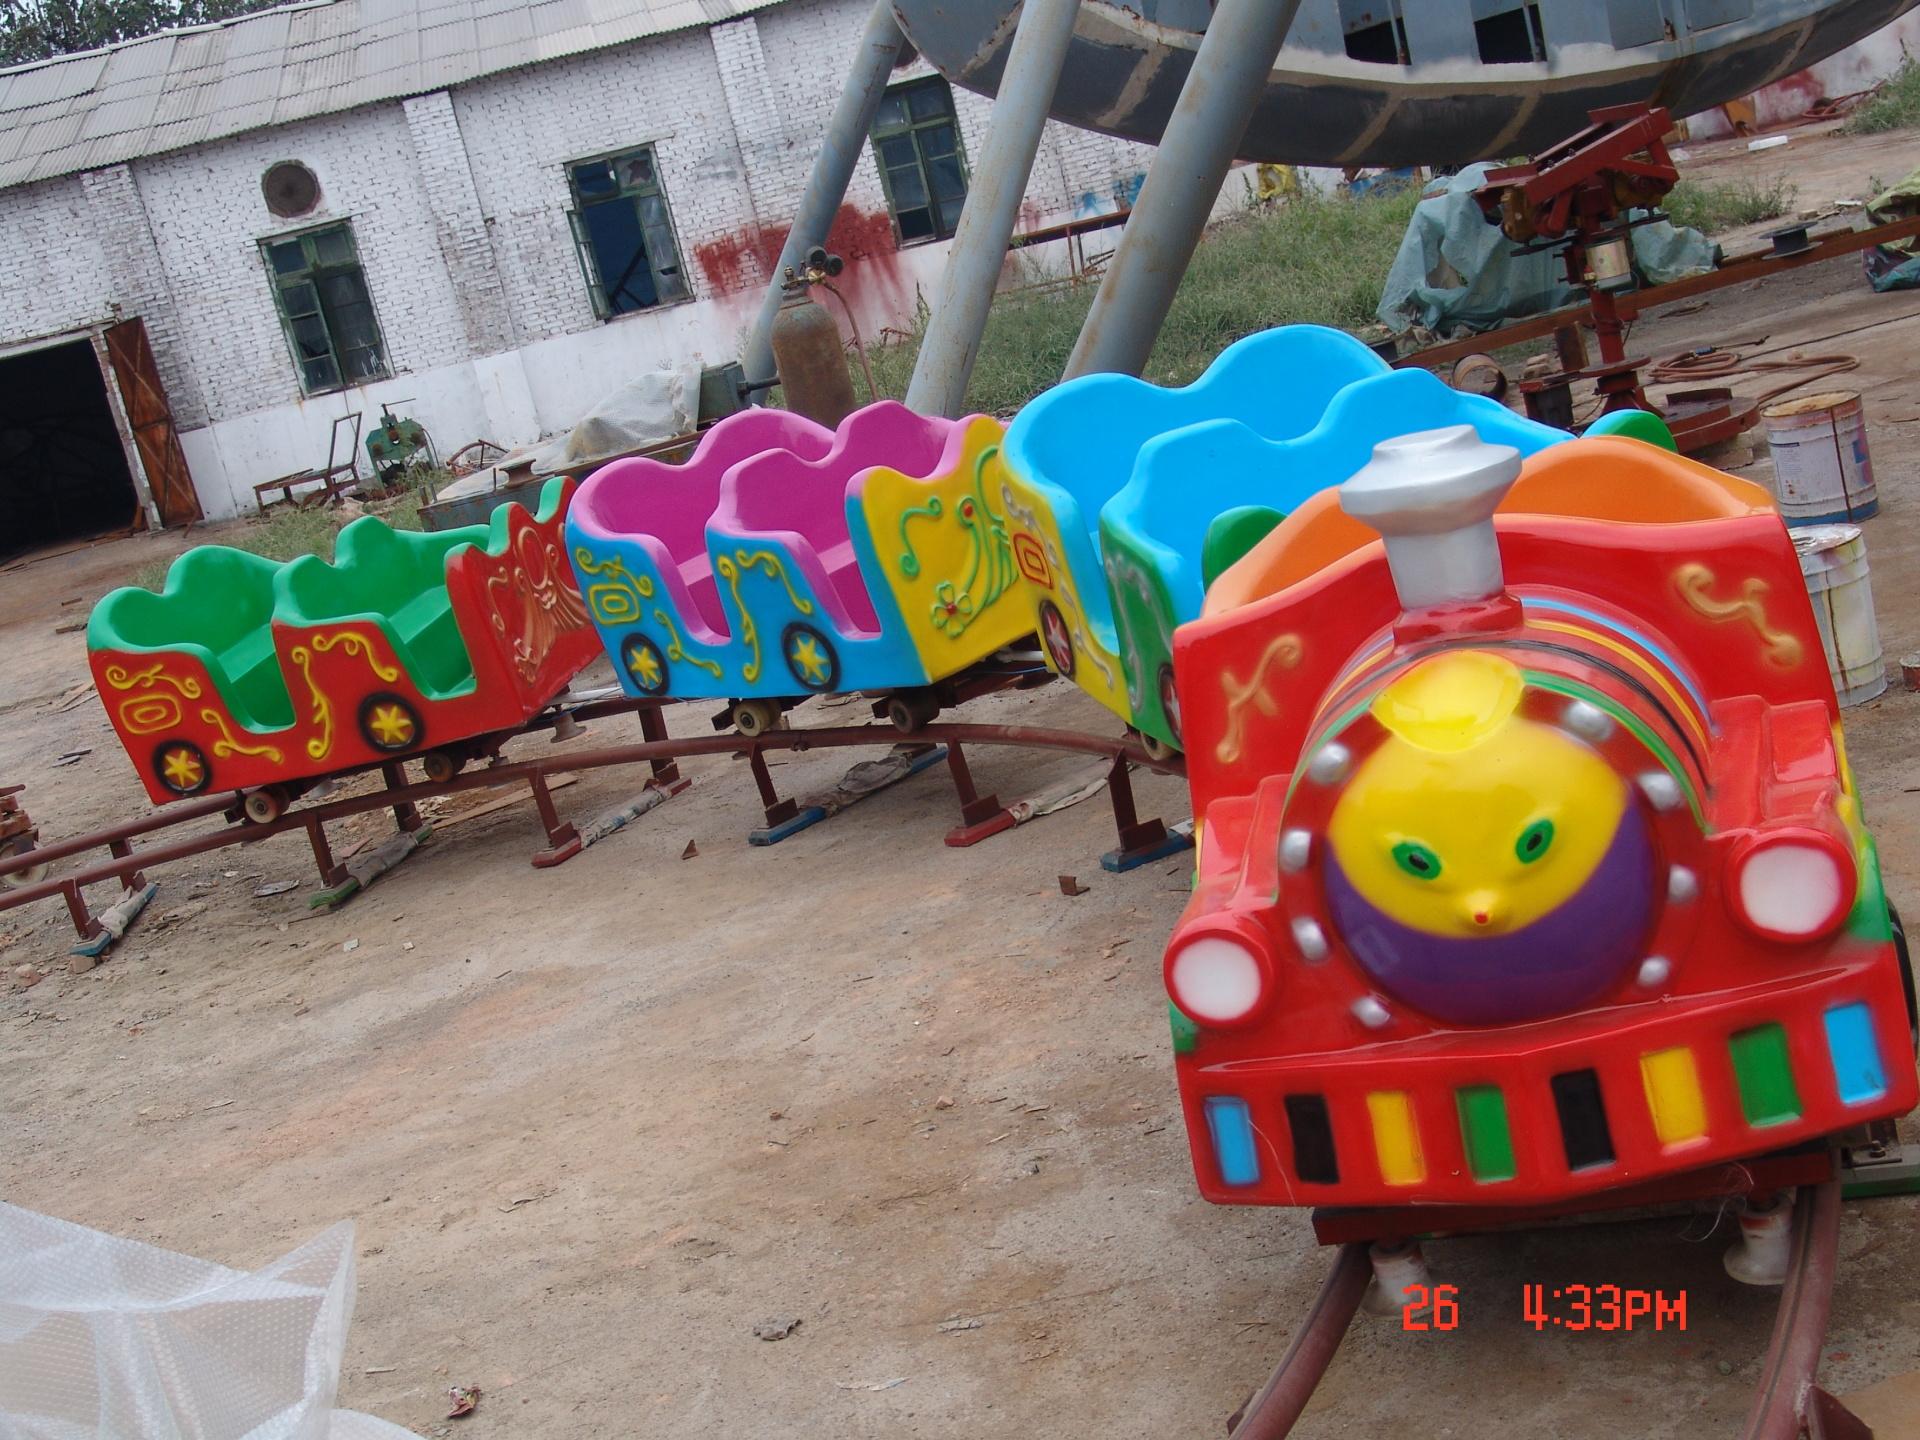 2020郑州大洋现货供应托马斯小火车 阿丽山小火车 卡通轨道小火车项目游乐设备儿童游艺设施厂家示例图10